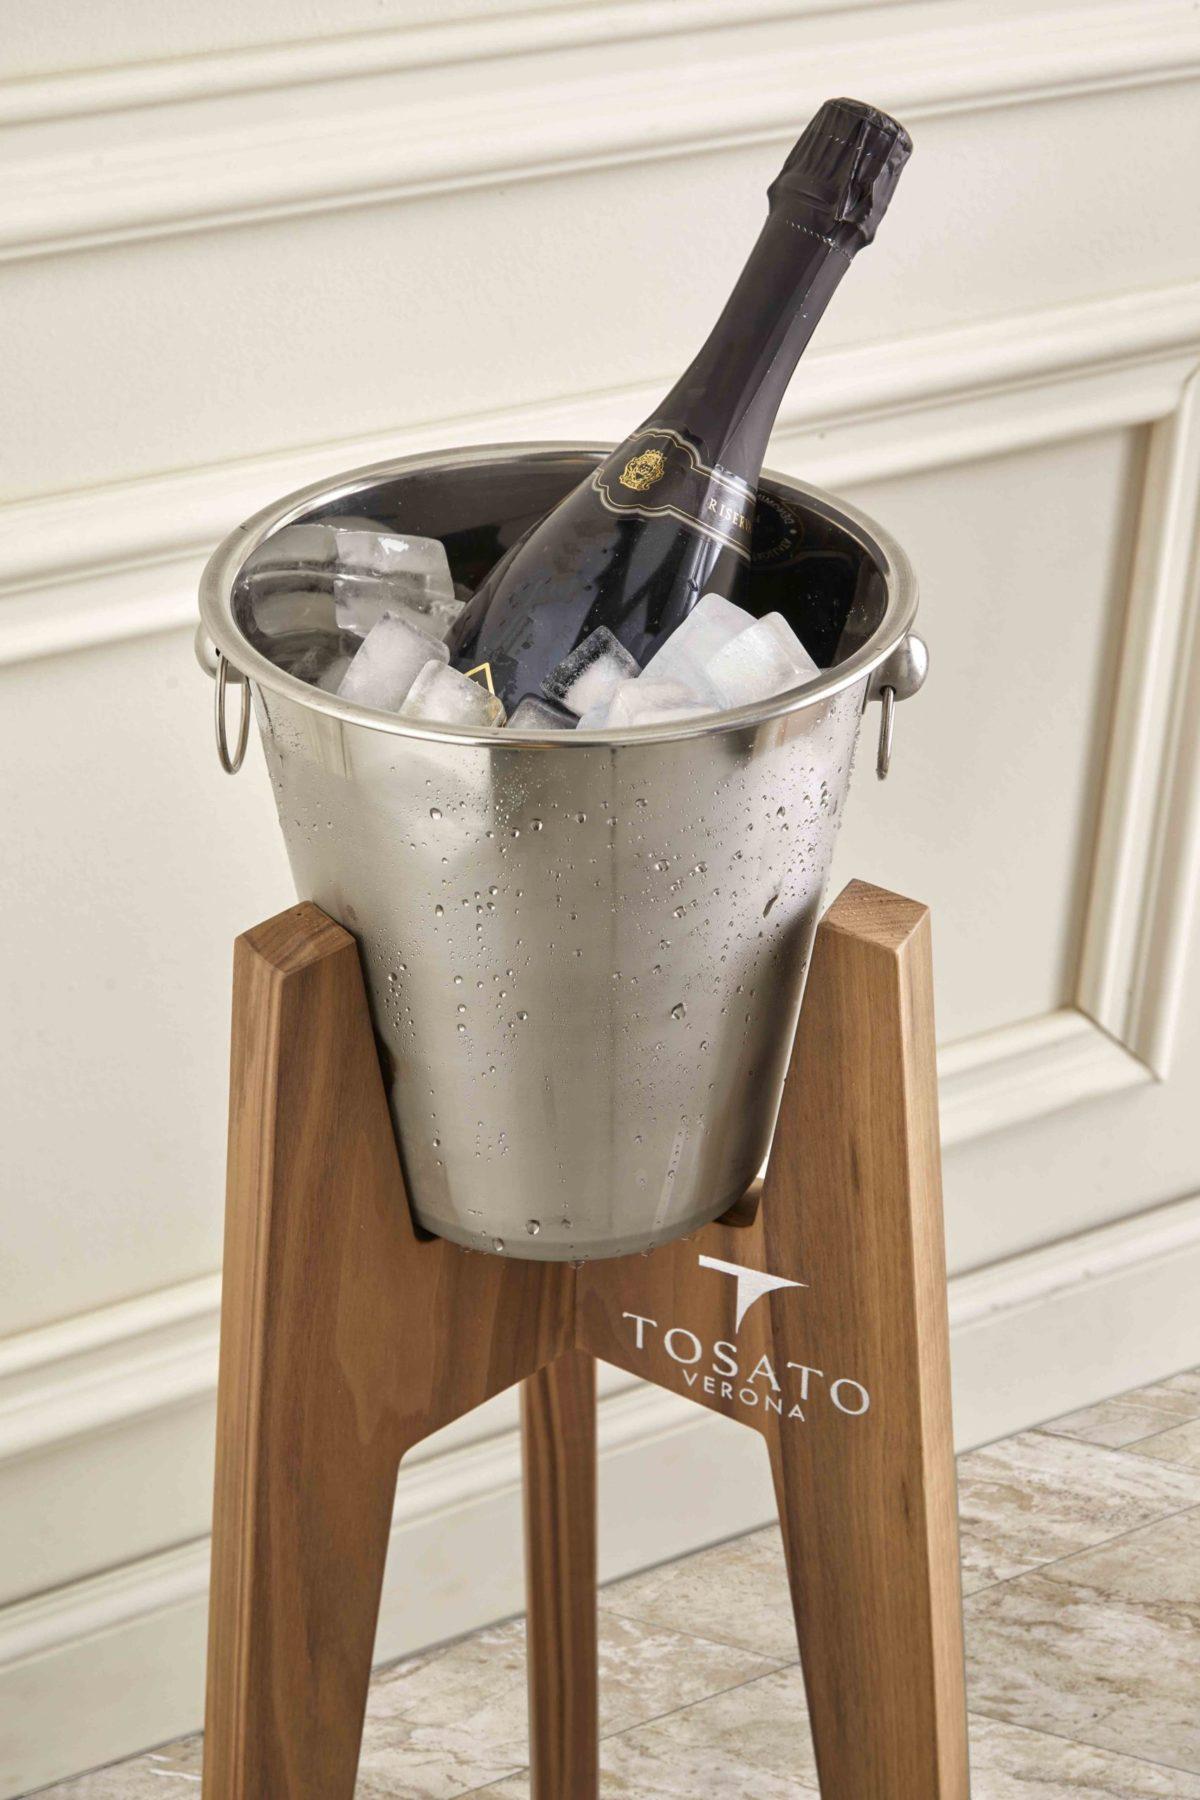 ведро для льда шампанница tosato